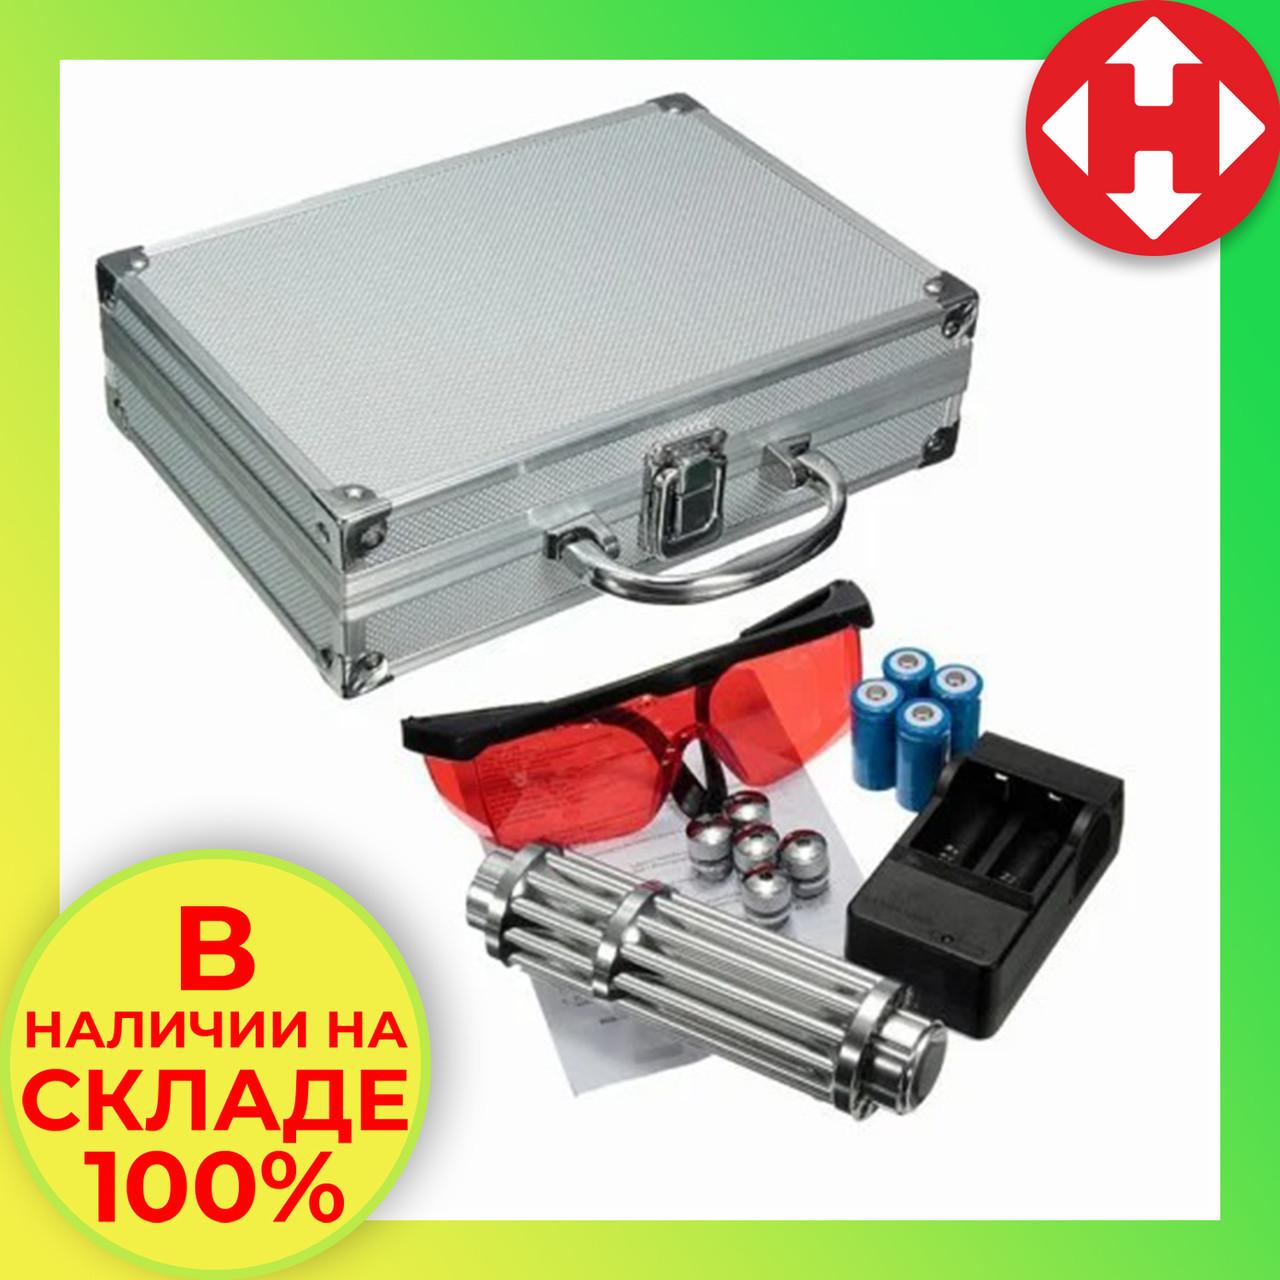 Мощная лазерная указка с насадками 50000mw Blue Laser, синий лазер, с доставкой по Киеву и Украине